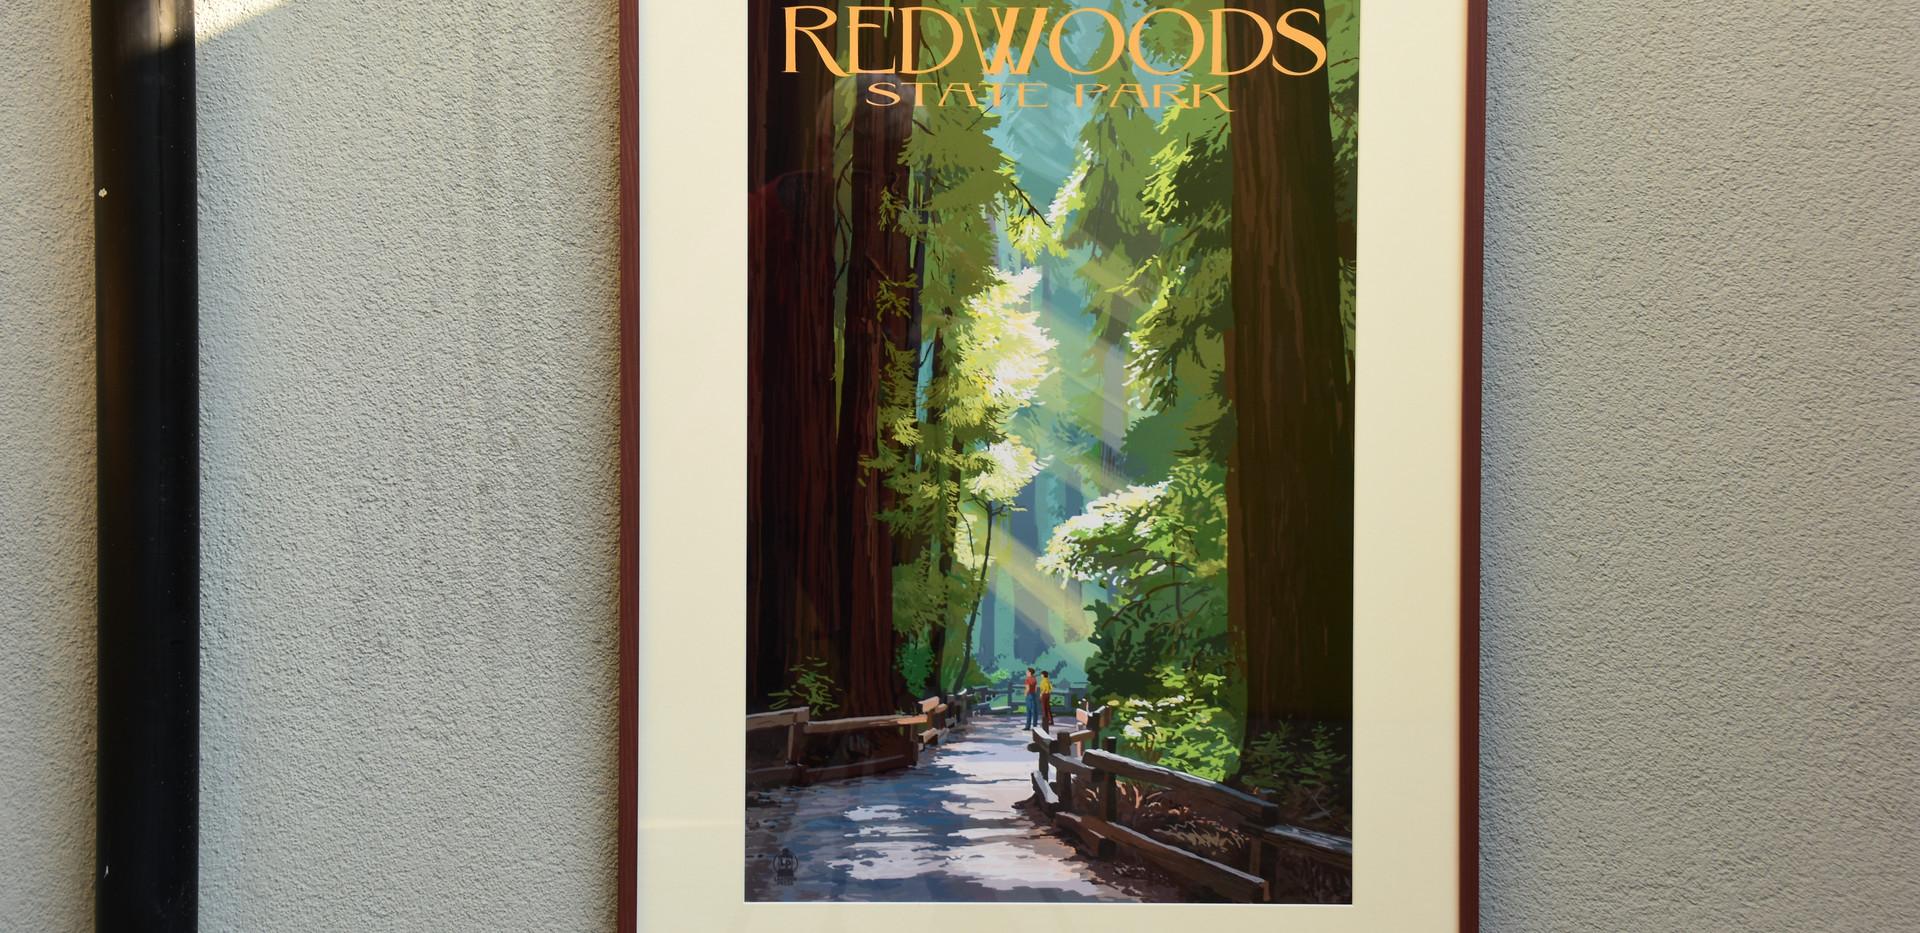 Vintagedruck Redwood Forest